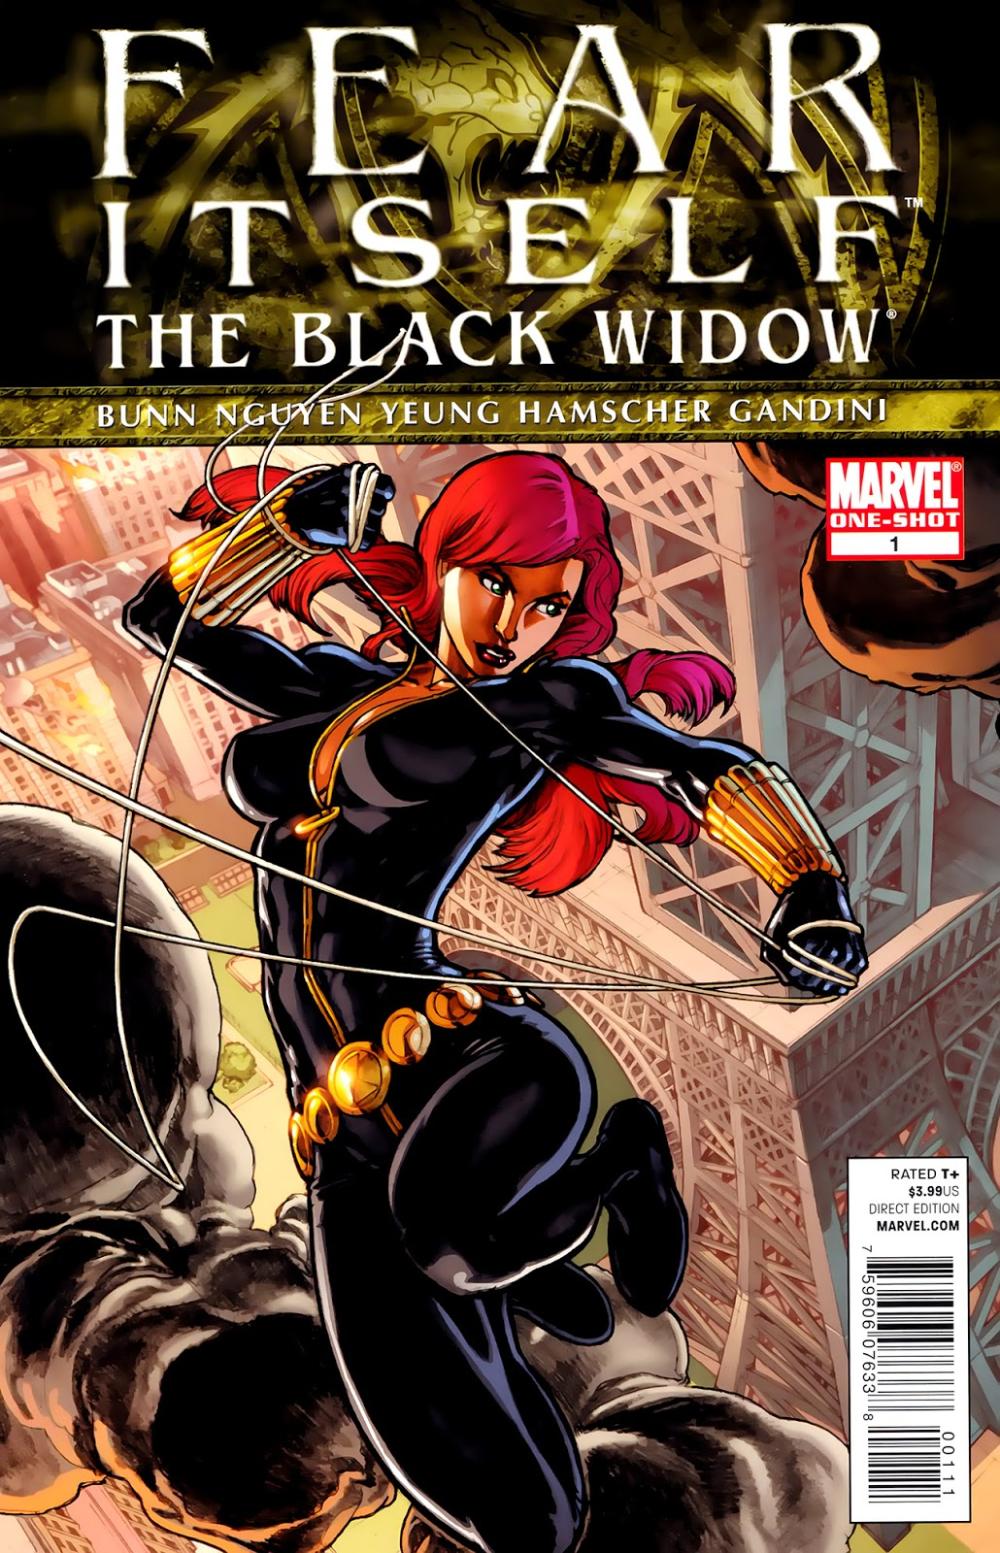 Fear Itself Black Widow Full Read Fear Itself Black Widow Full Comic Online In High Quality Black Widow Comics Black Widow Marvel